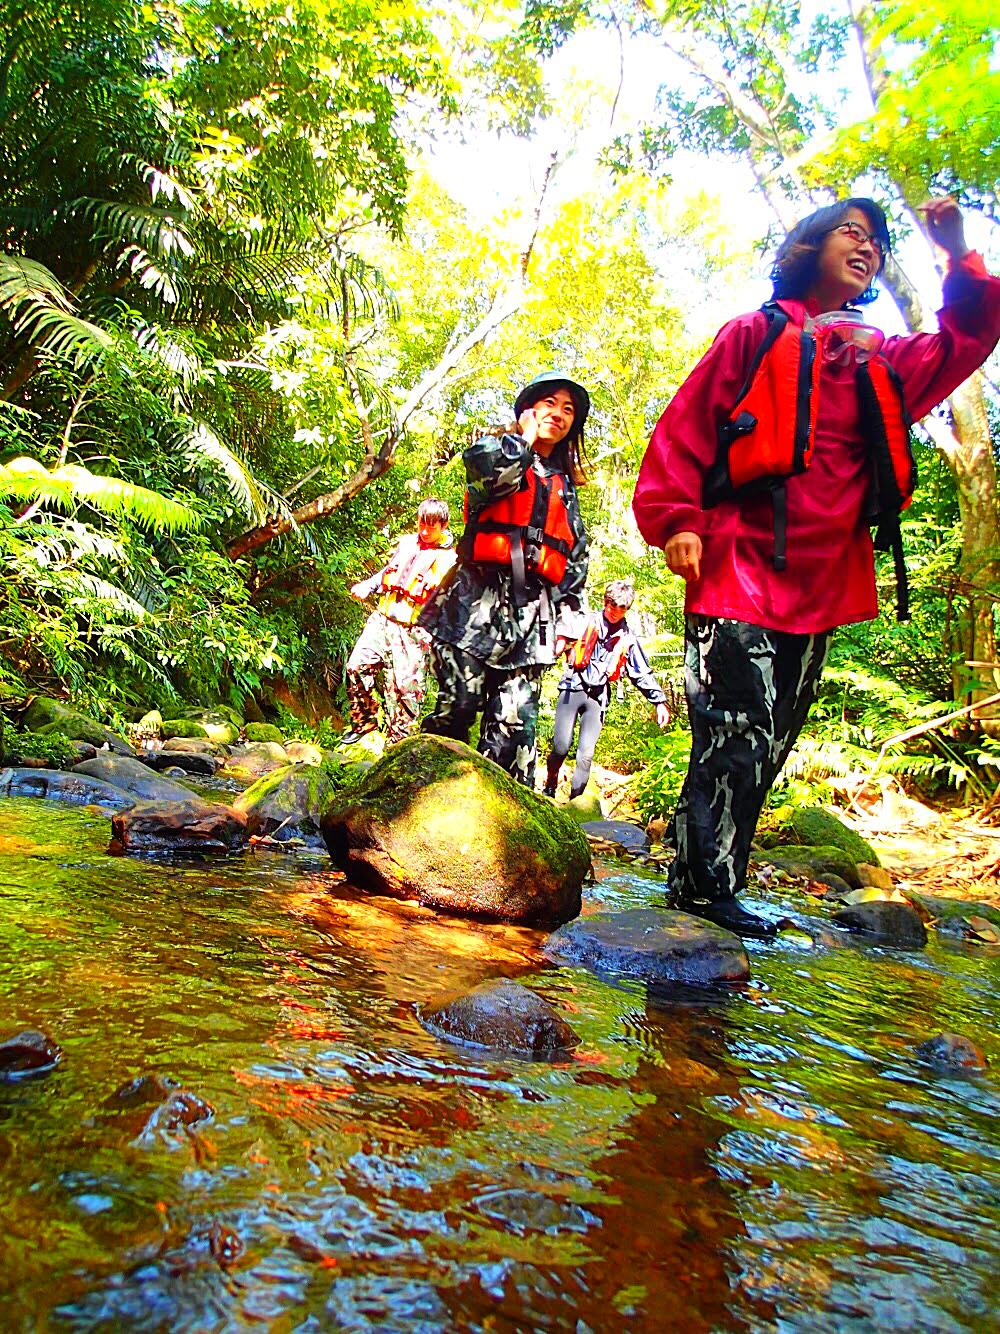 イリオモテヤマネコの住む原始の森を歩いて見ました🐾 . ........................................ 八重山旅行・西表島で冒険の旅へ出かけよう ! 人気のアドベンチャーツアー割引きキャンペーン実施中! 詳しくはホームページをご覧ください。  西表島 KEN GUIDE www.kenguide.info . ............................................ #西表島ケンガイド #沖縄旅行 #離島 #八重山 #西表島 #西表島旅行 #家族旅行 #女子旅 #卒業旅行 #旅行好きな人と繋がりたい #トレッキングツアー #sup #カヌー体験 . ........................................ 離島に住みたい方、応援しています。 ネイチャーガイド、アシスト募集中です。 詳しくはケンガイドHP求人情報をご覧下さい。